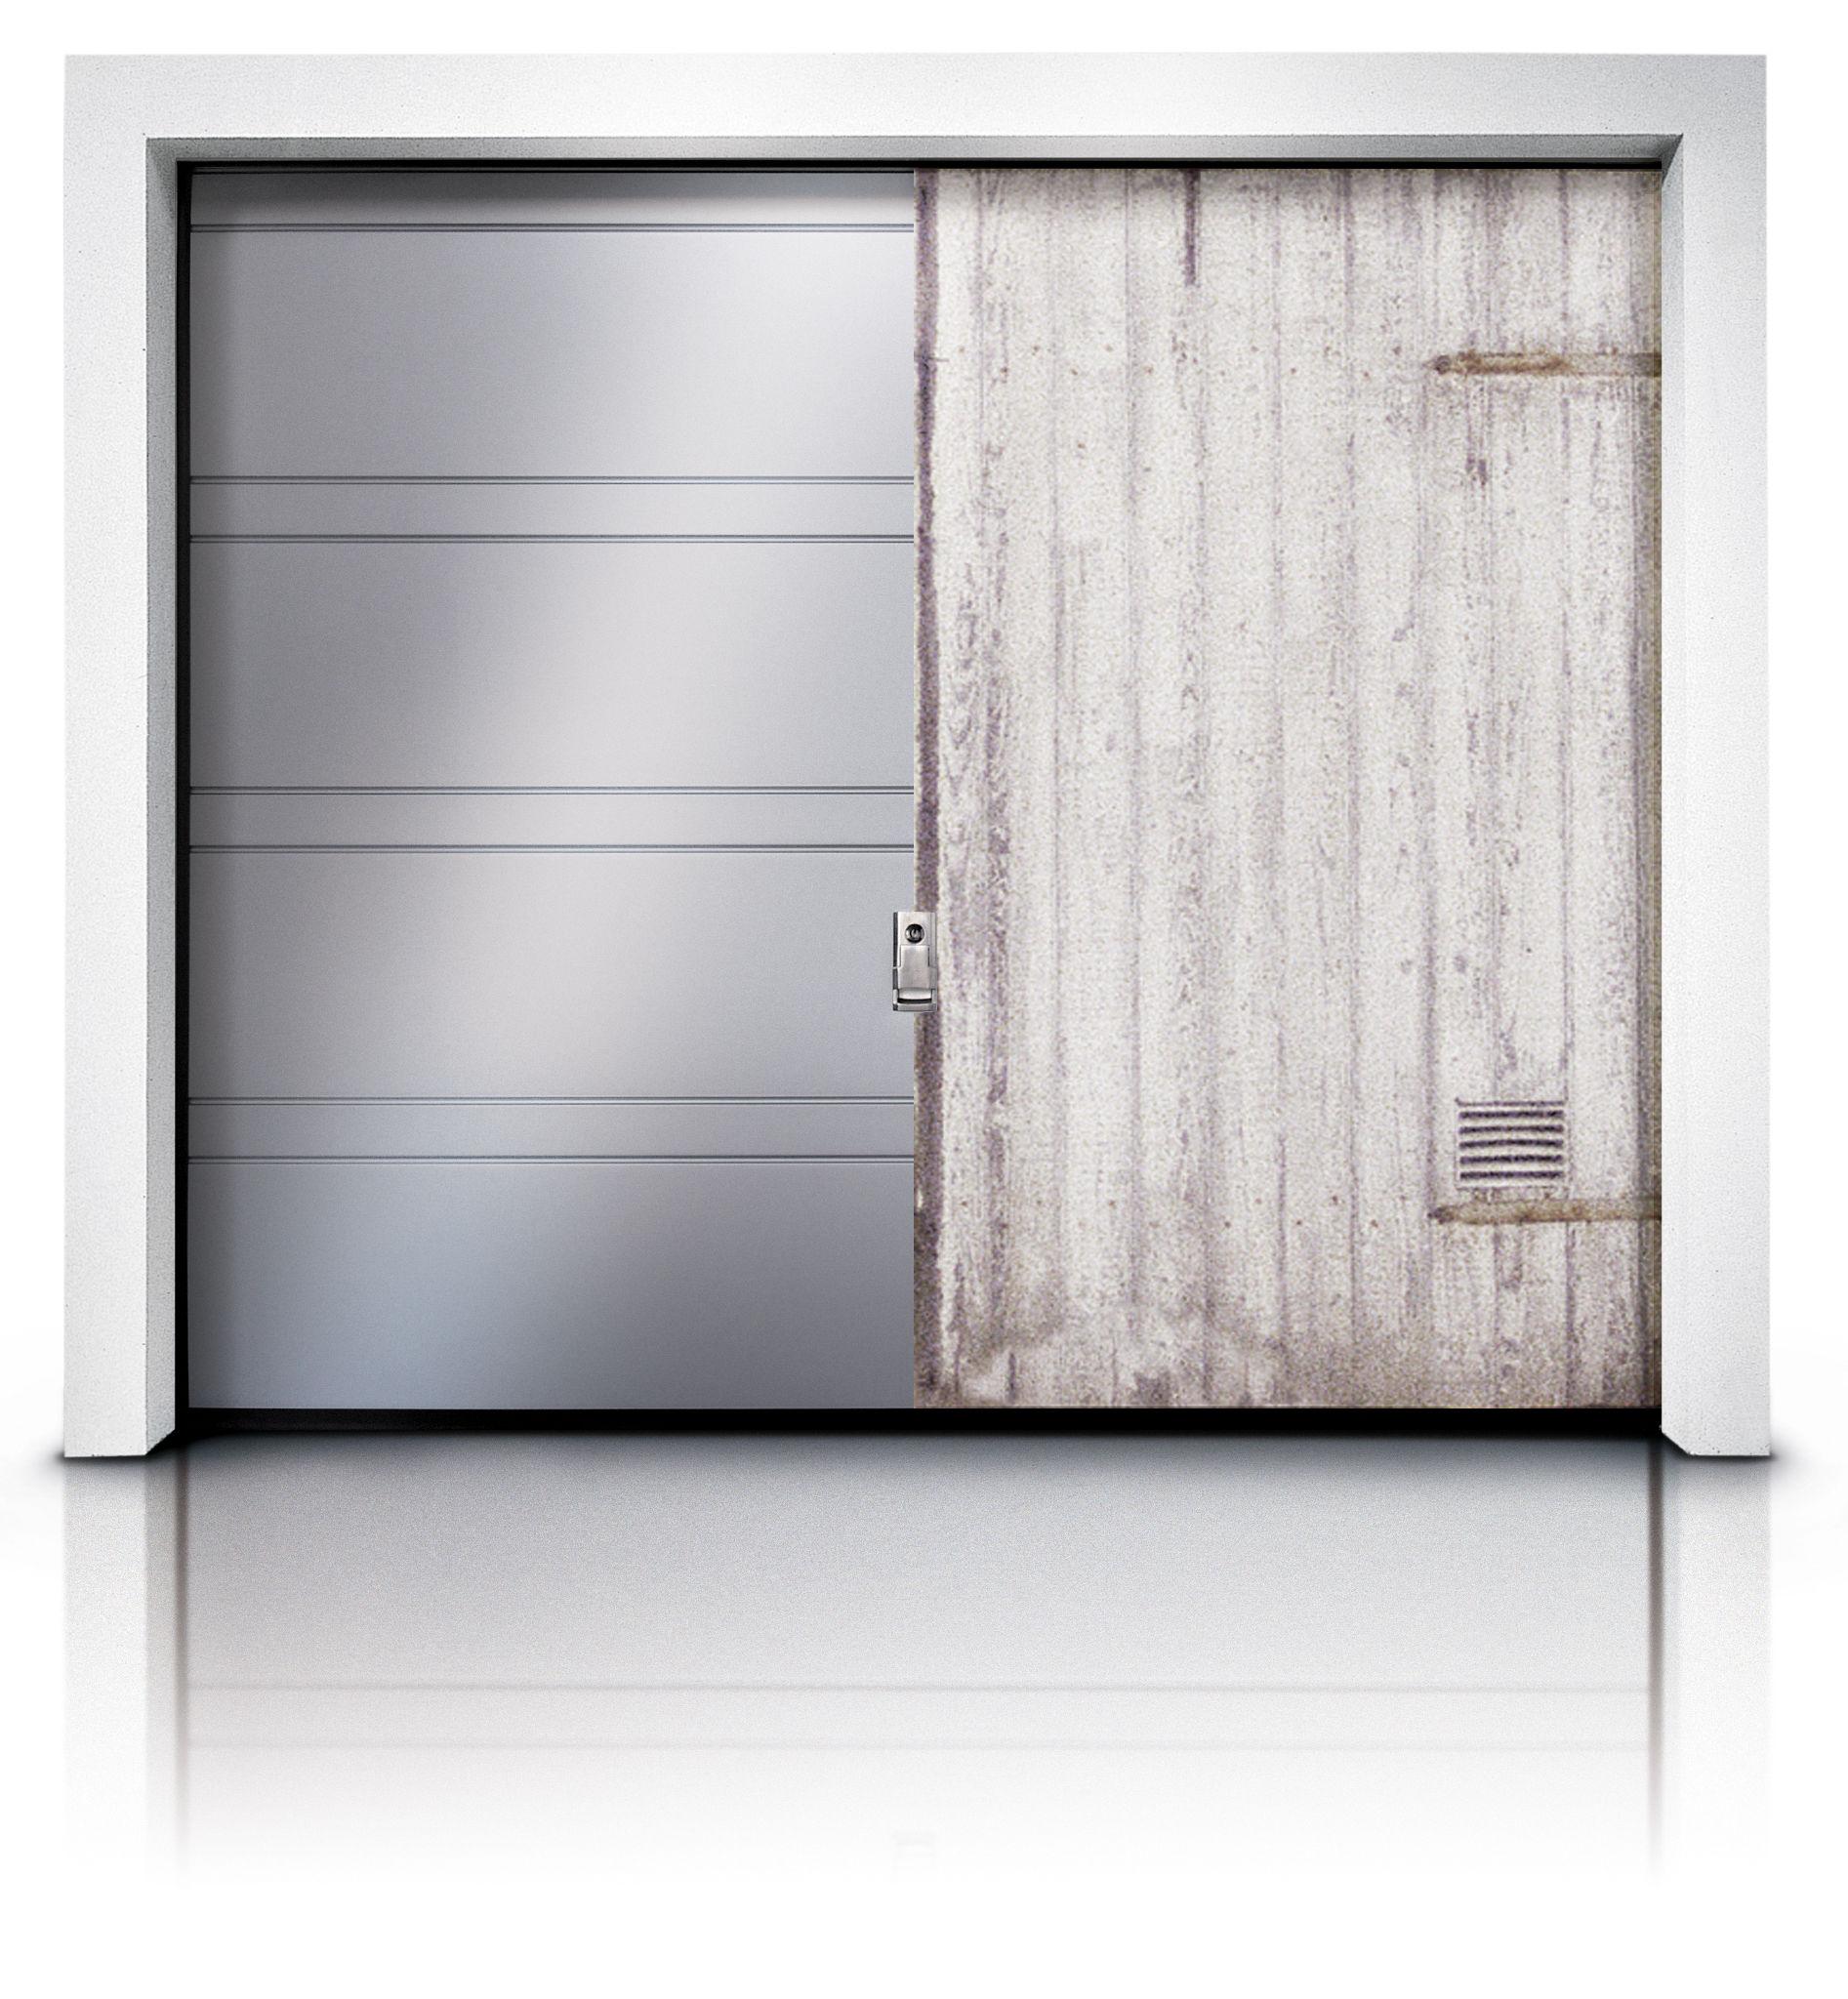 lebensdauer von garagentoren garagentor. Black Bedroom Furniture Sets. Home Design Ideas